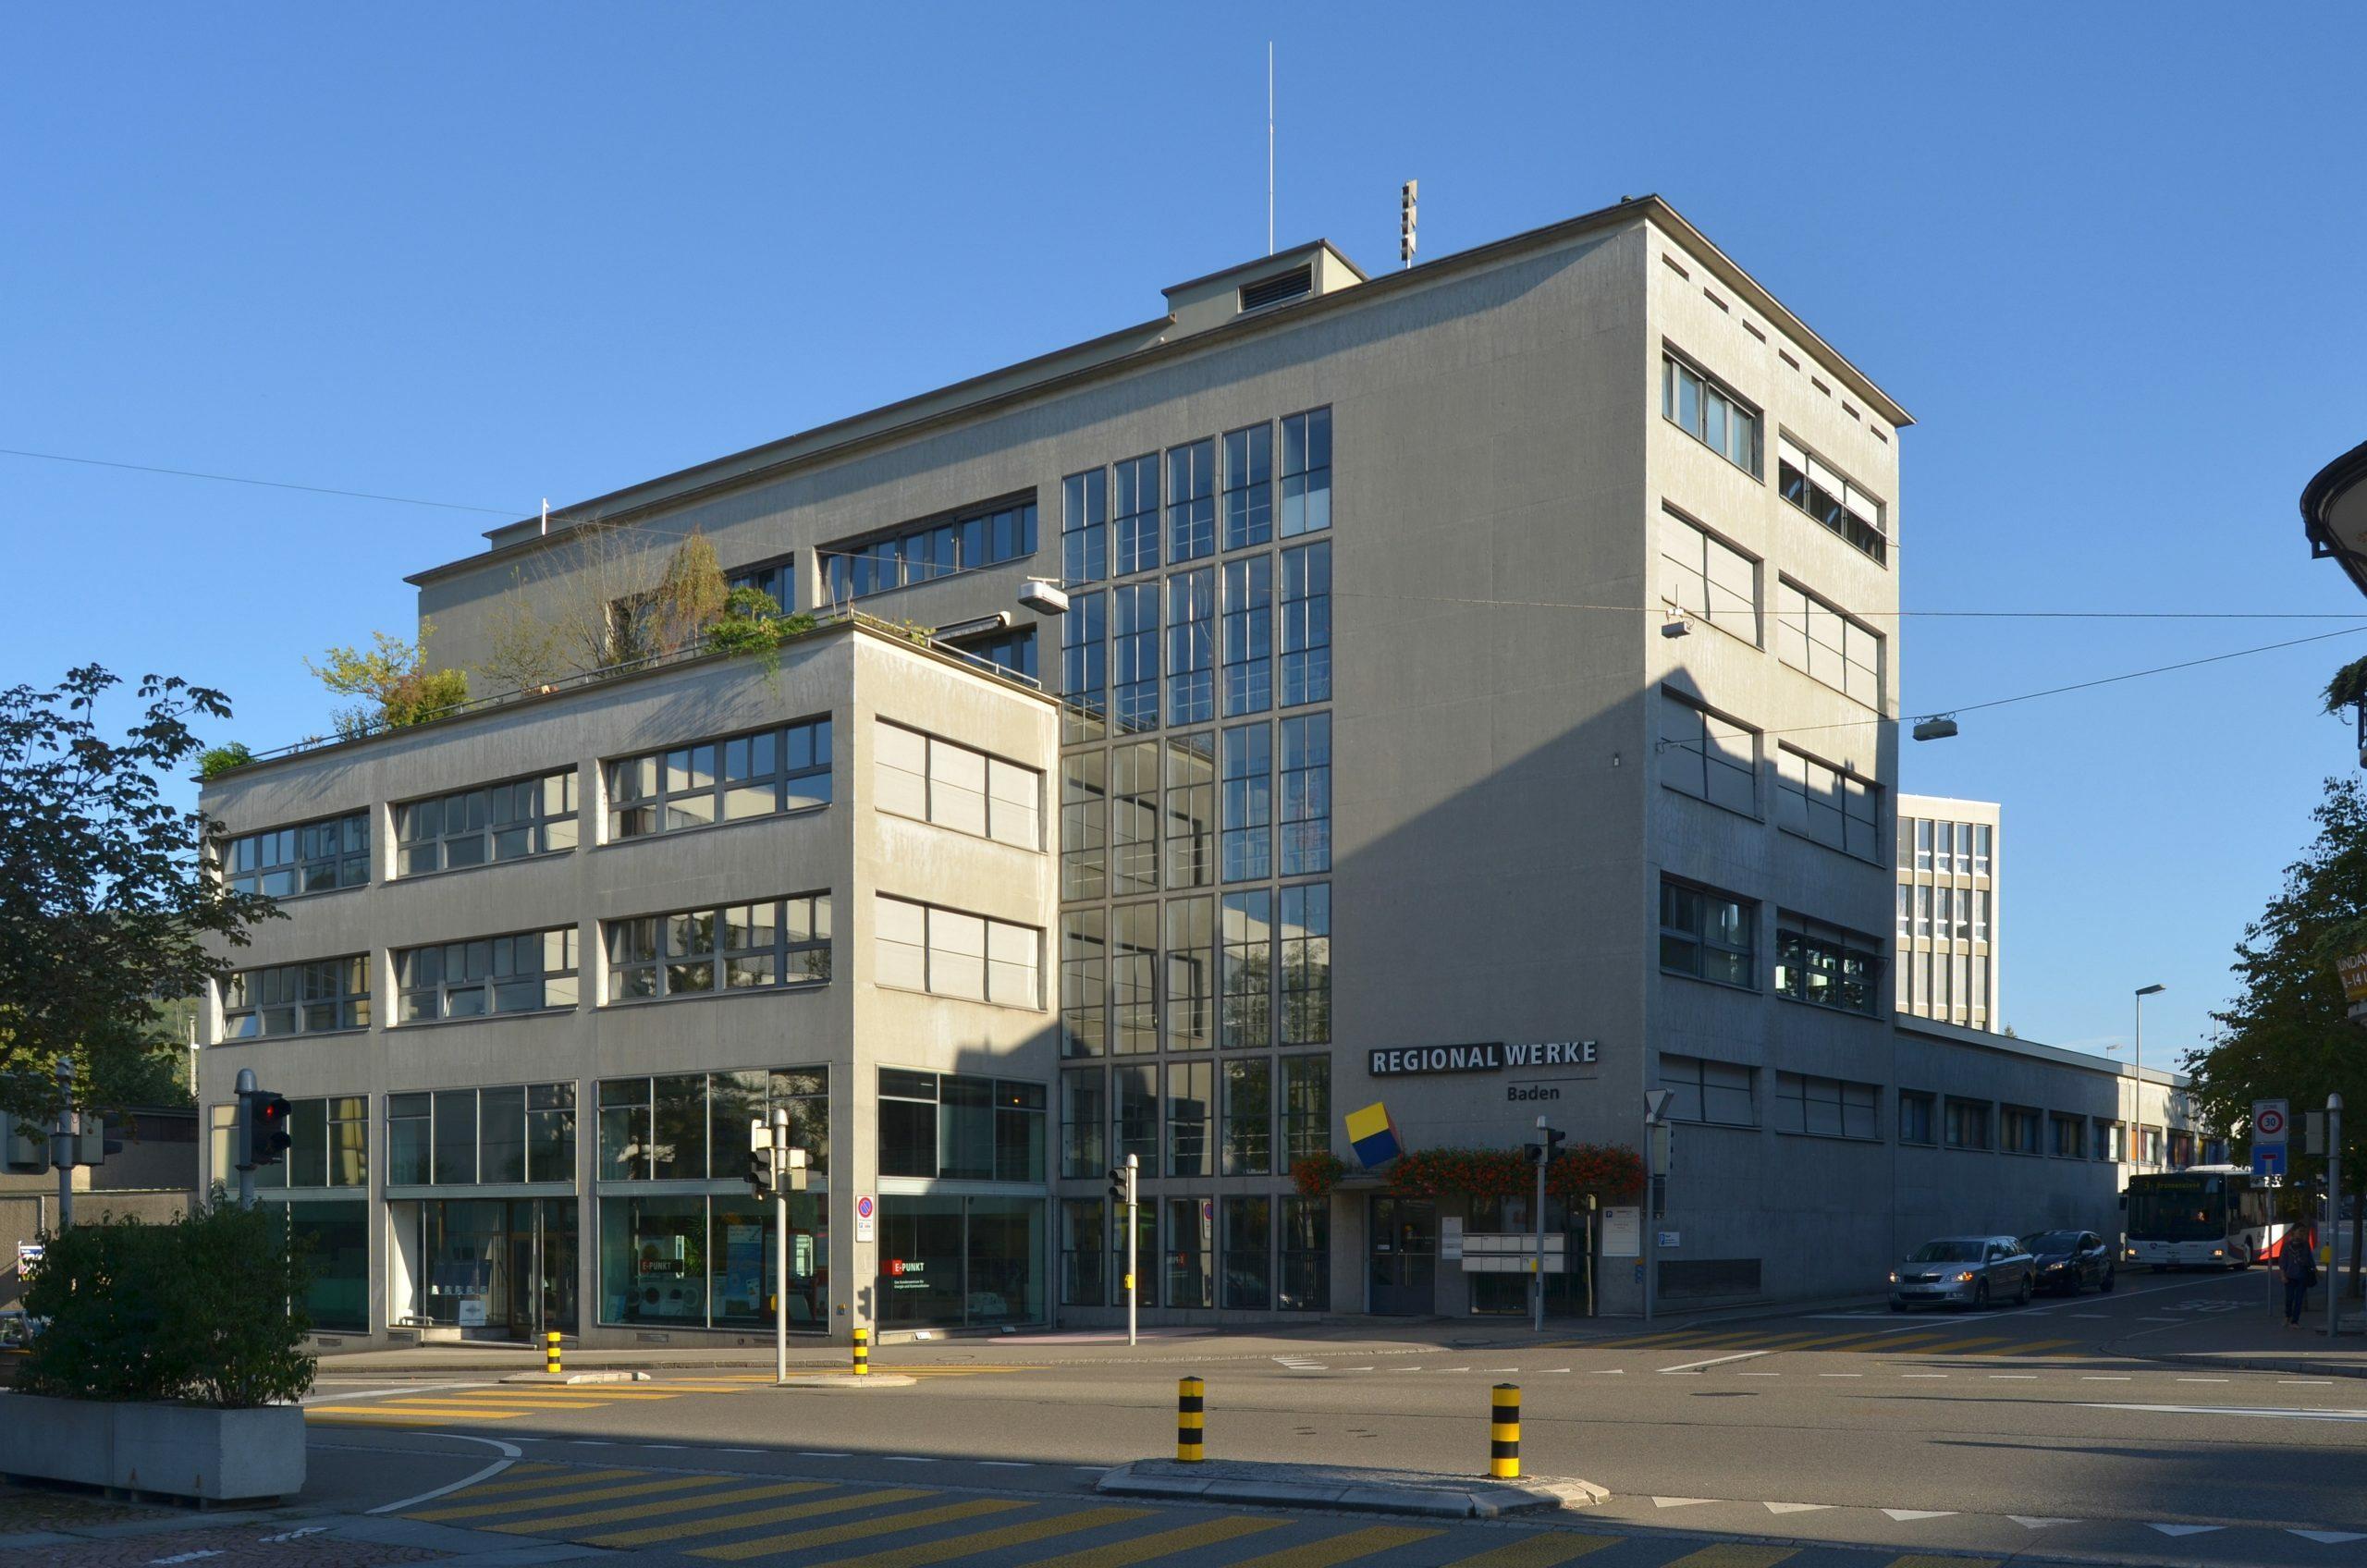 Regionalwerke Baden AG